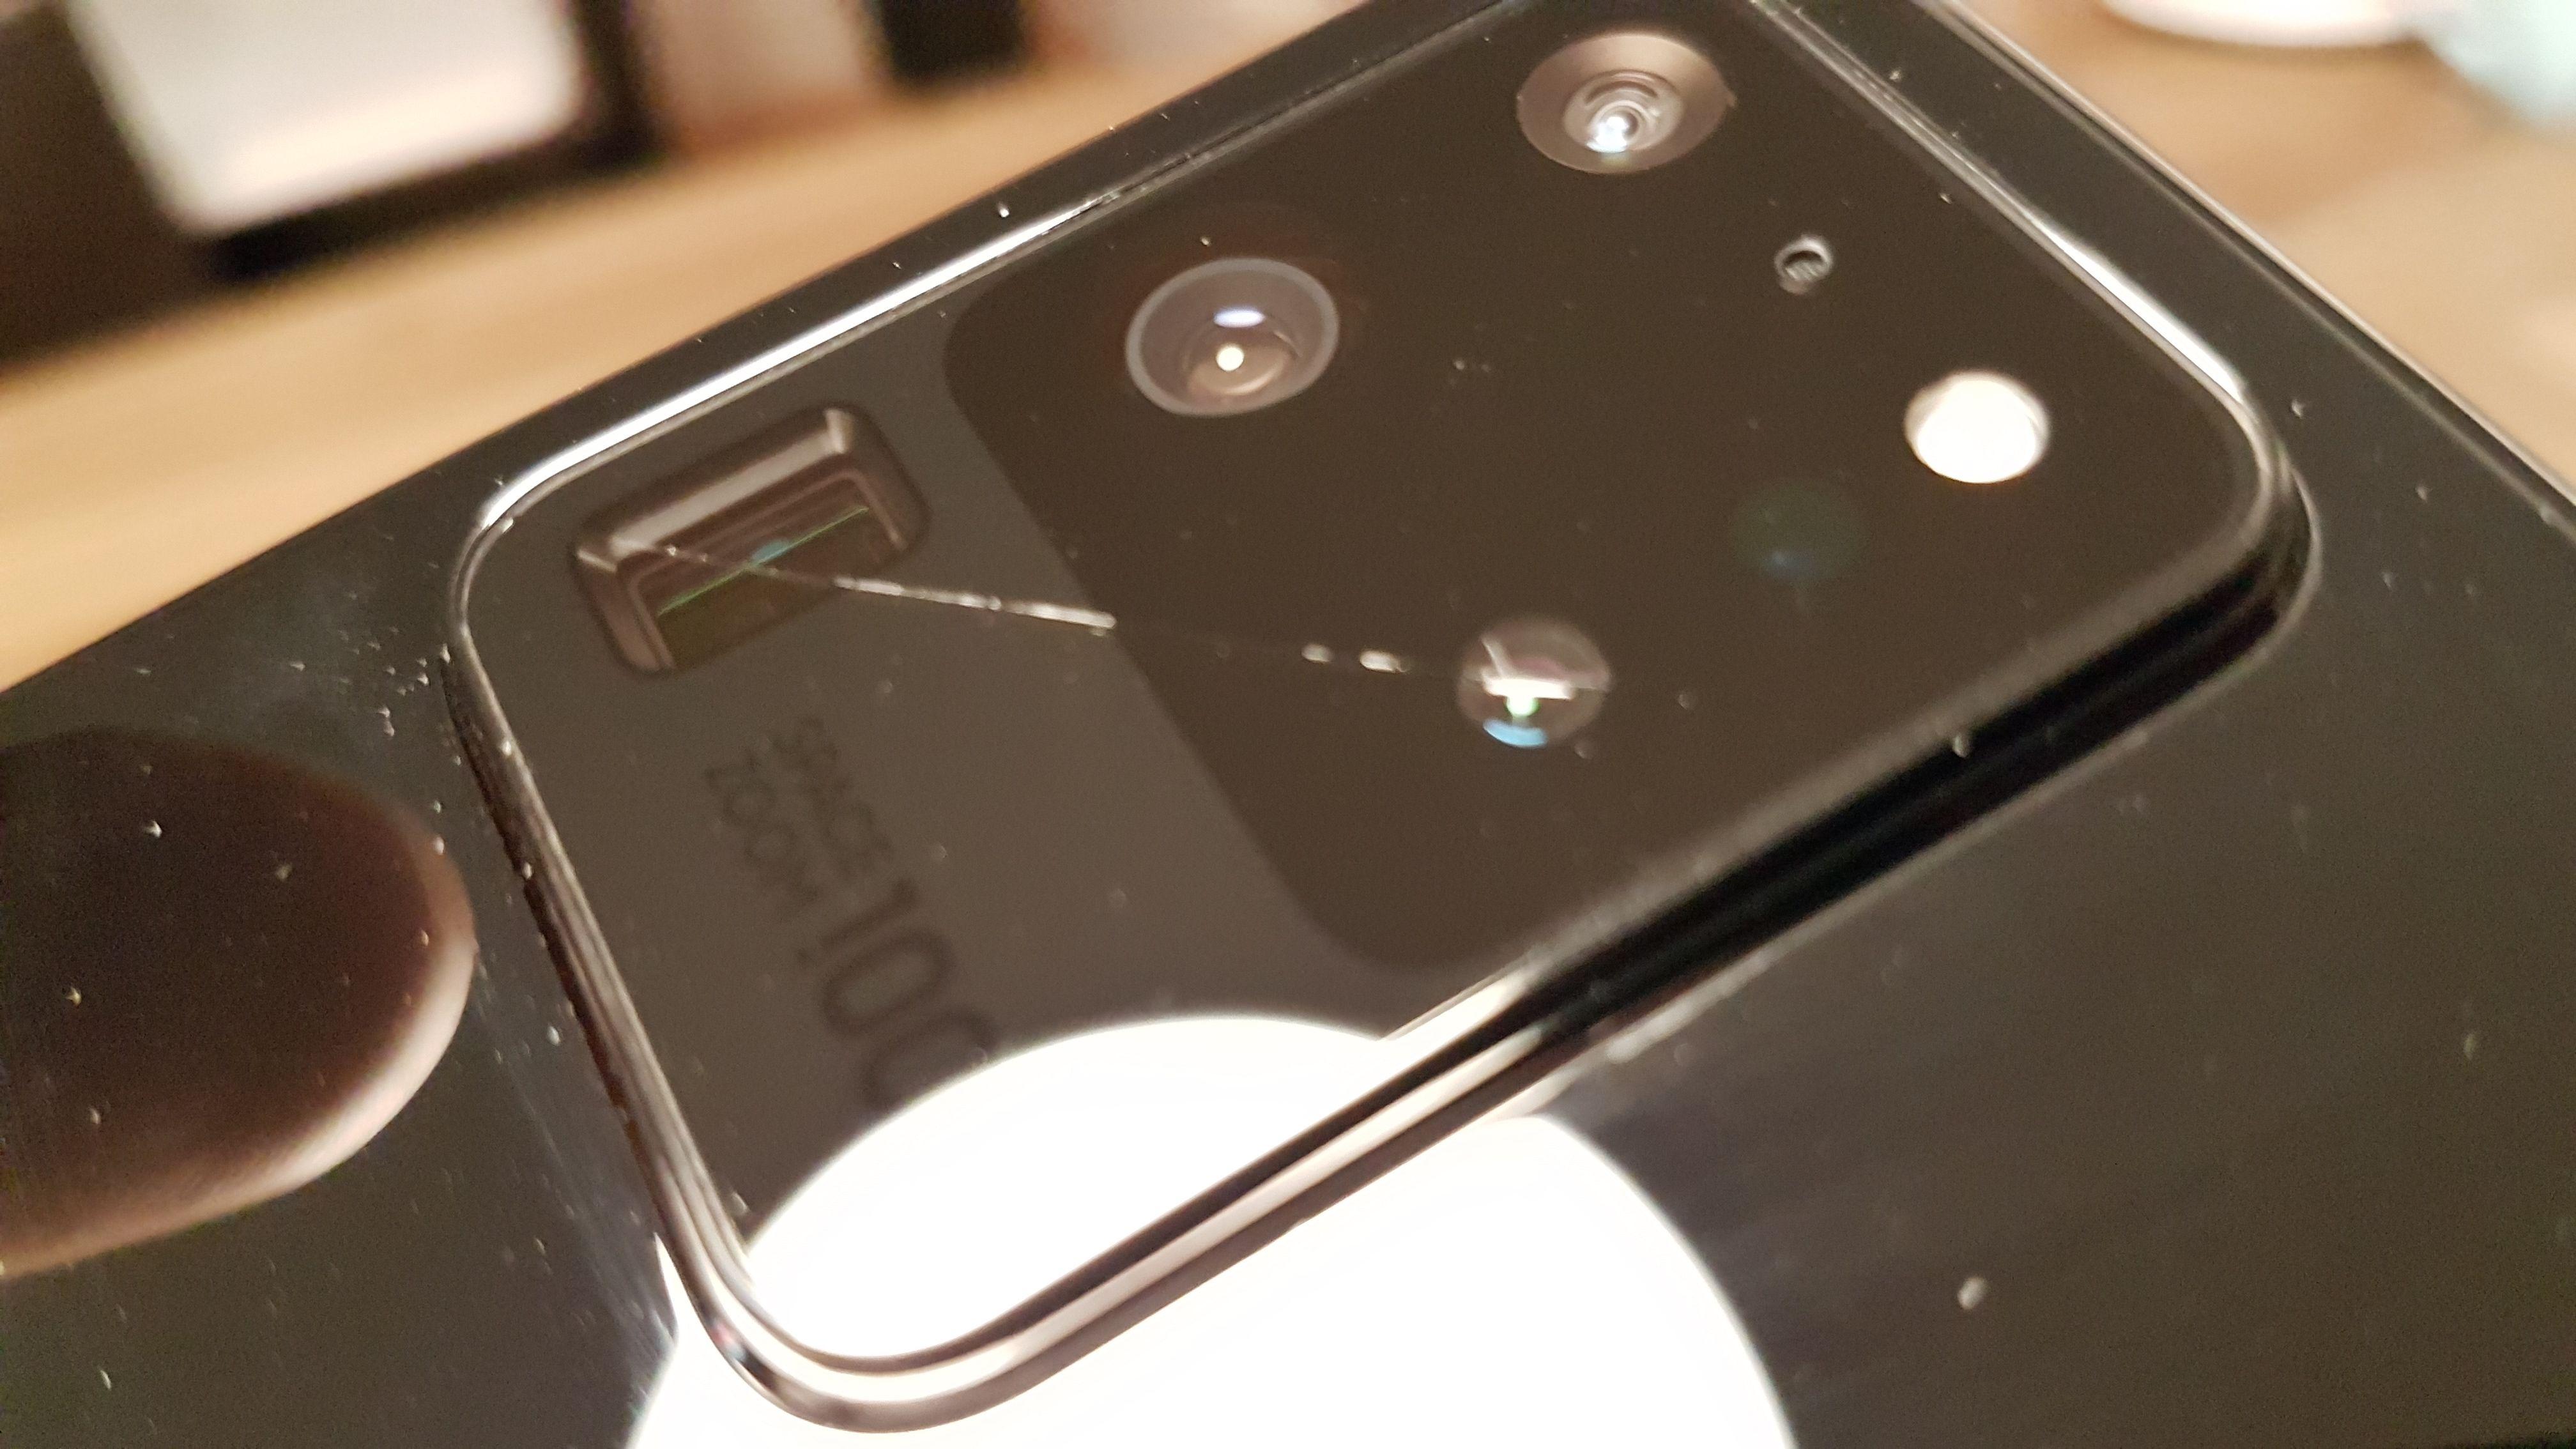 Samsung bị kiện tập thể vì phần kính camera của Galaxy S20 dễ vỡ